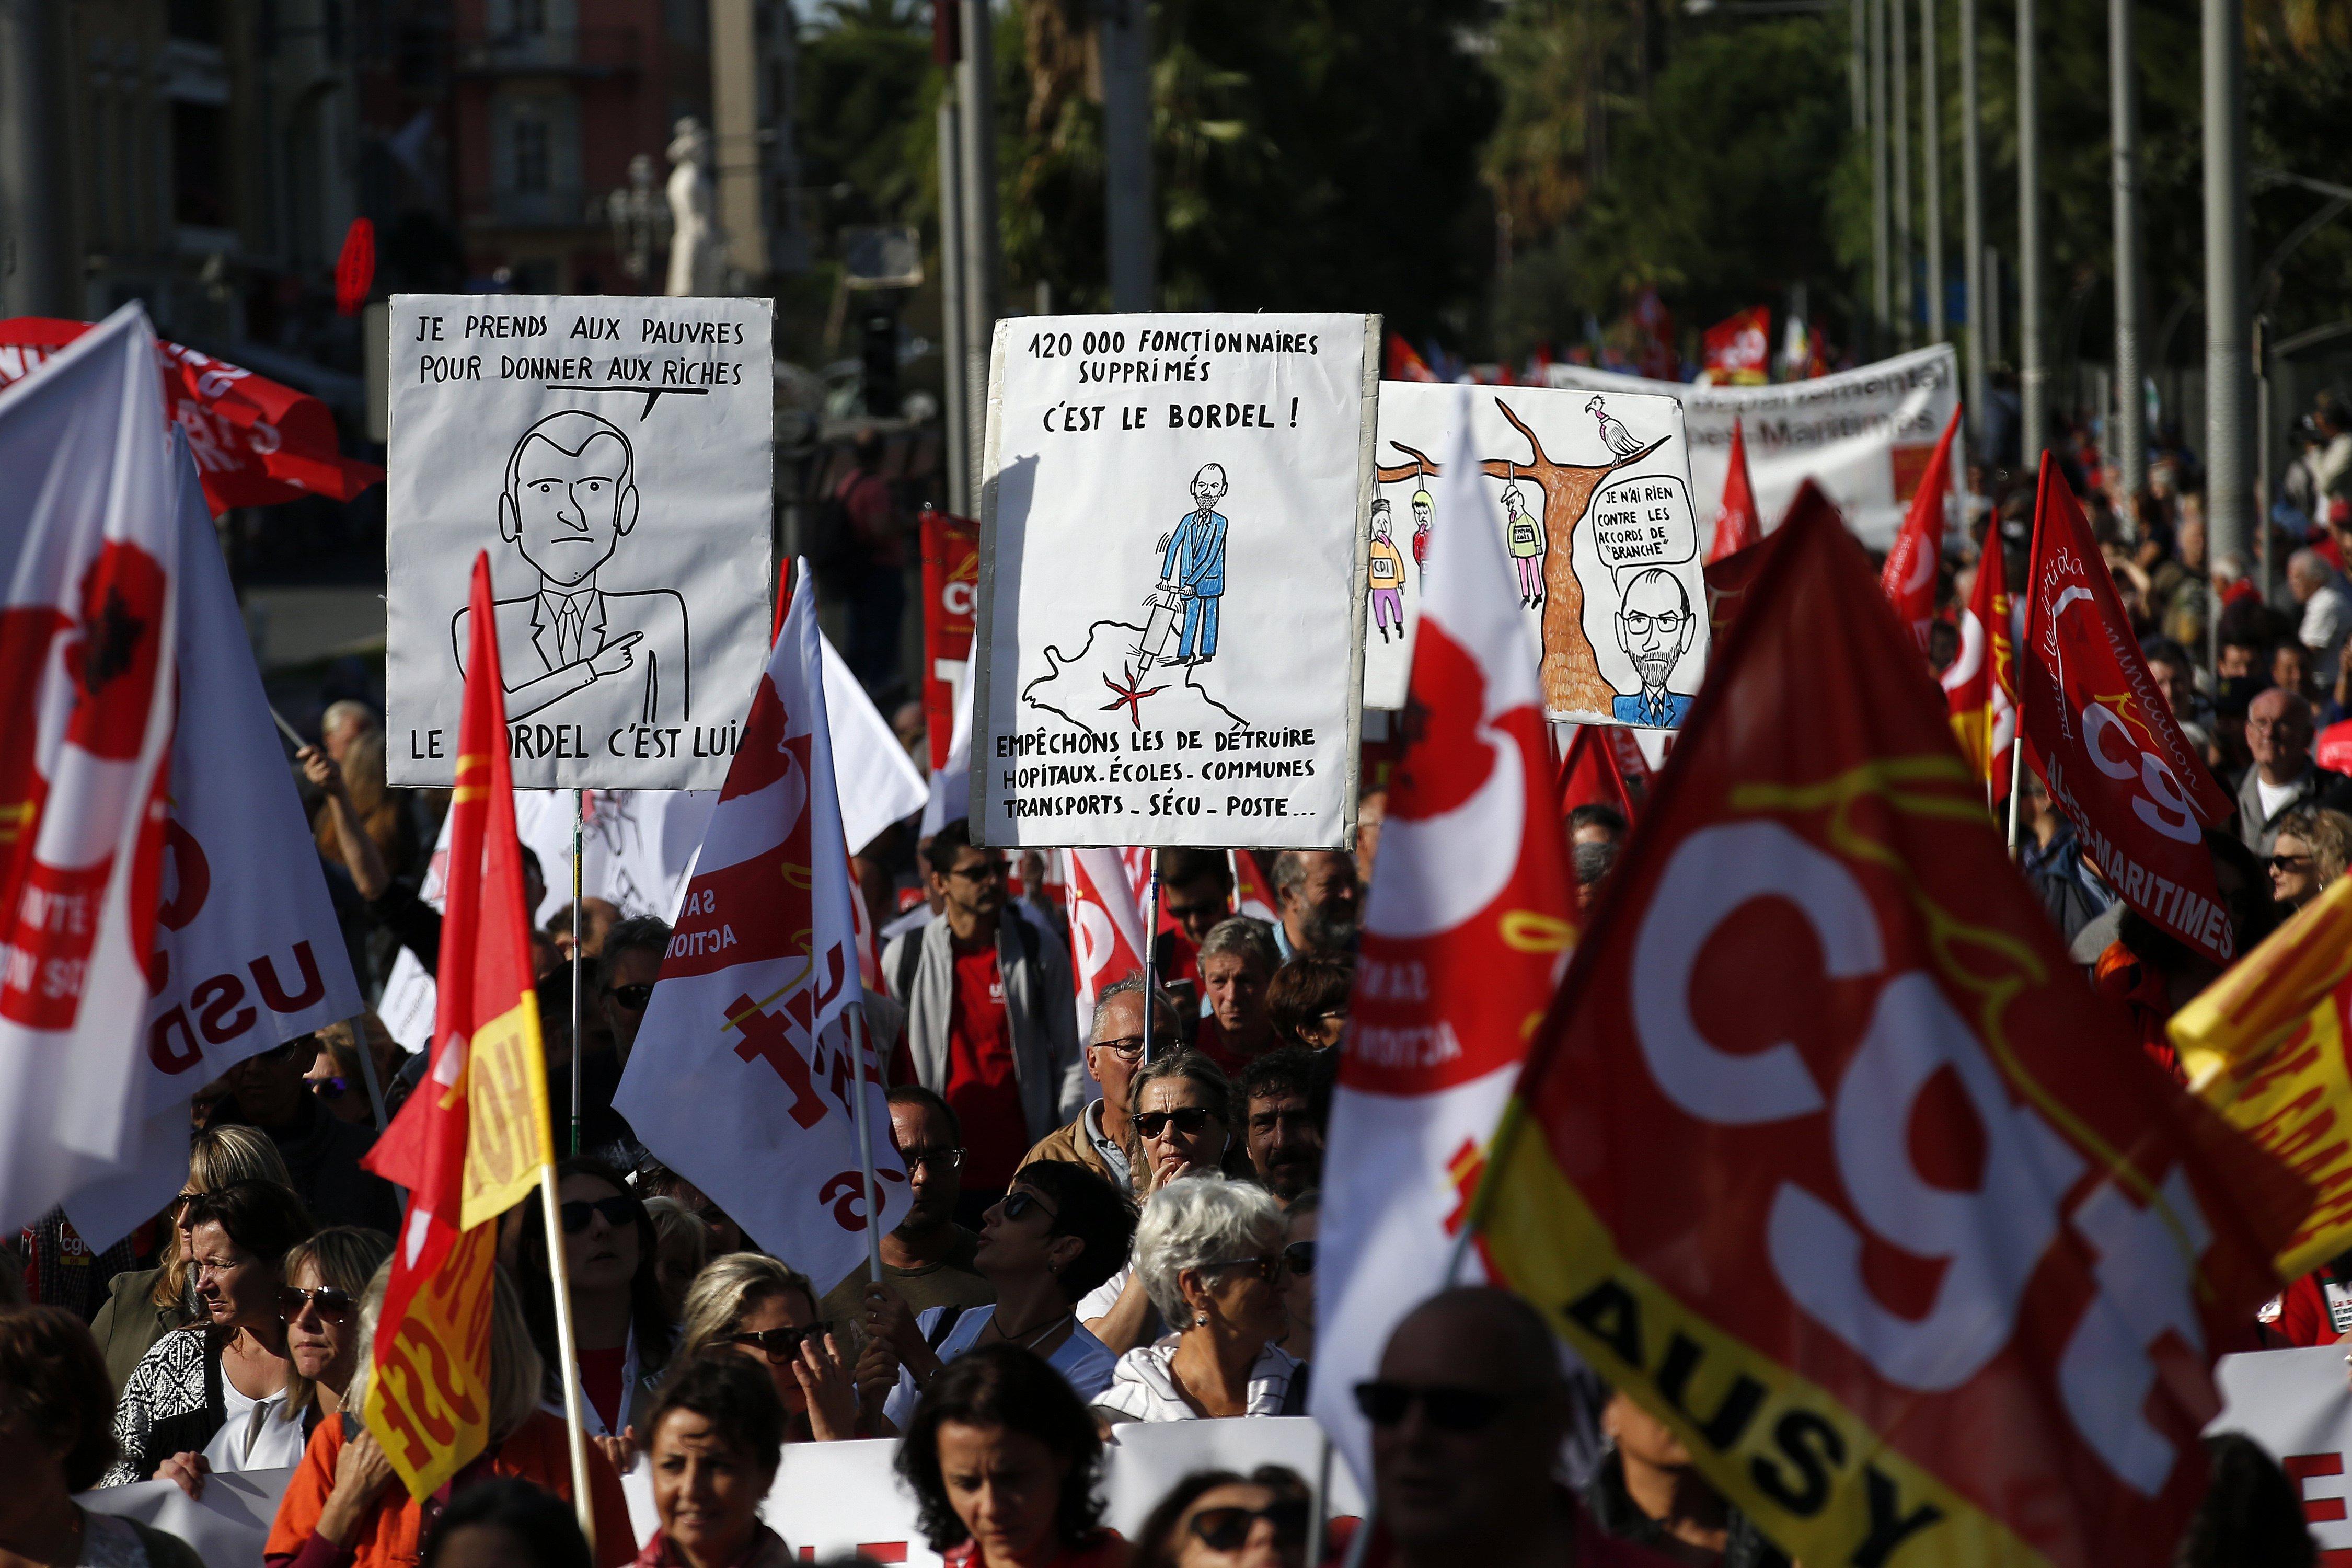 Manifestació contra la reforma laboral a Niça, França. /SEBASTIEN NOGIER